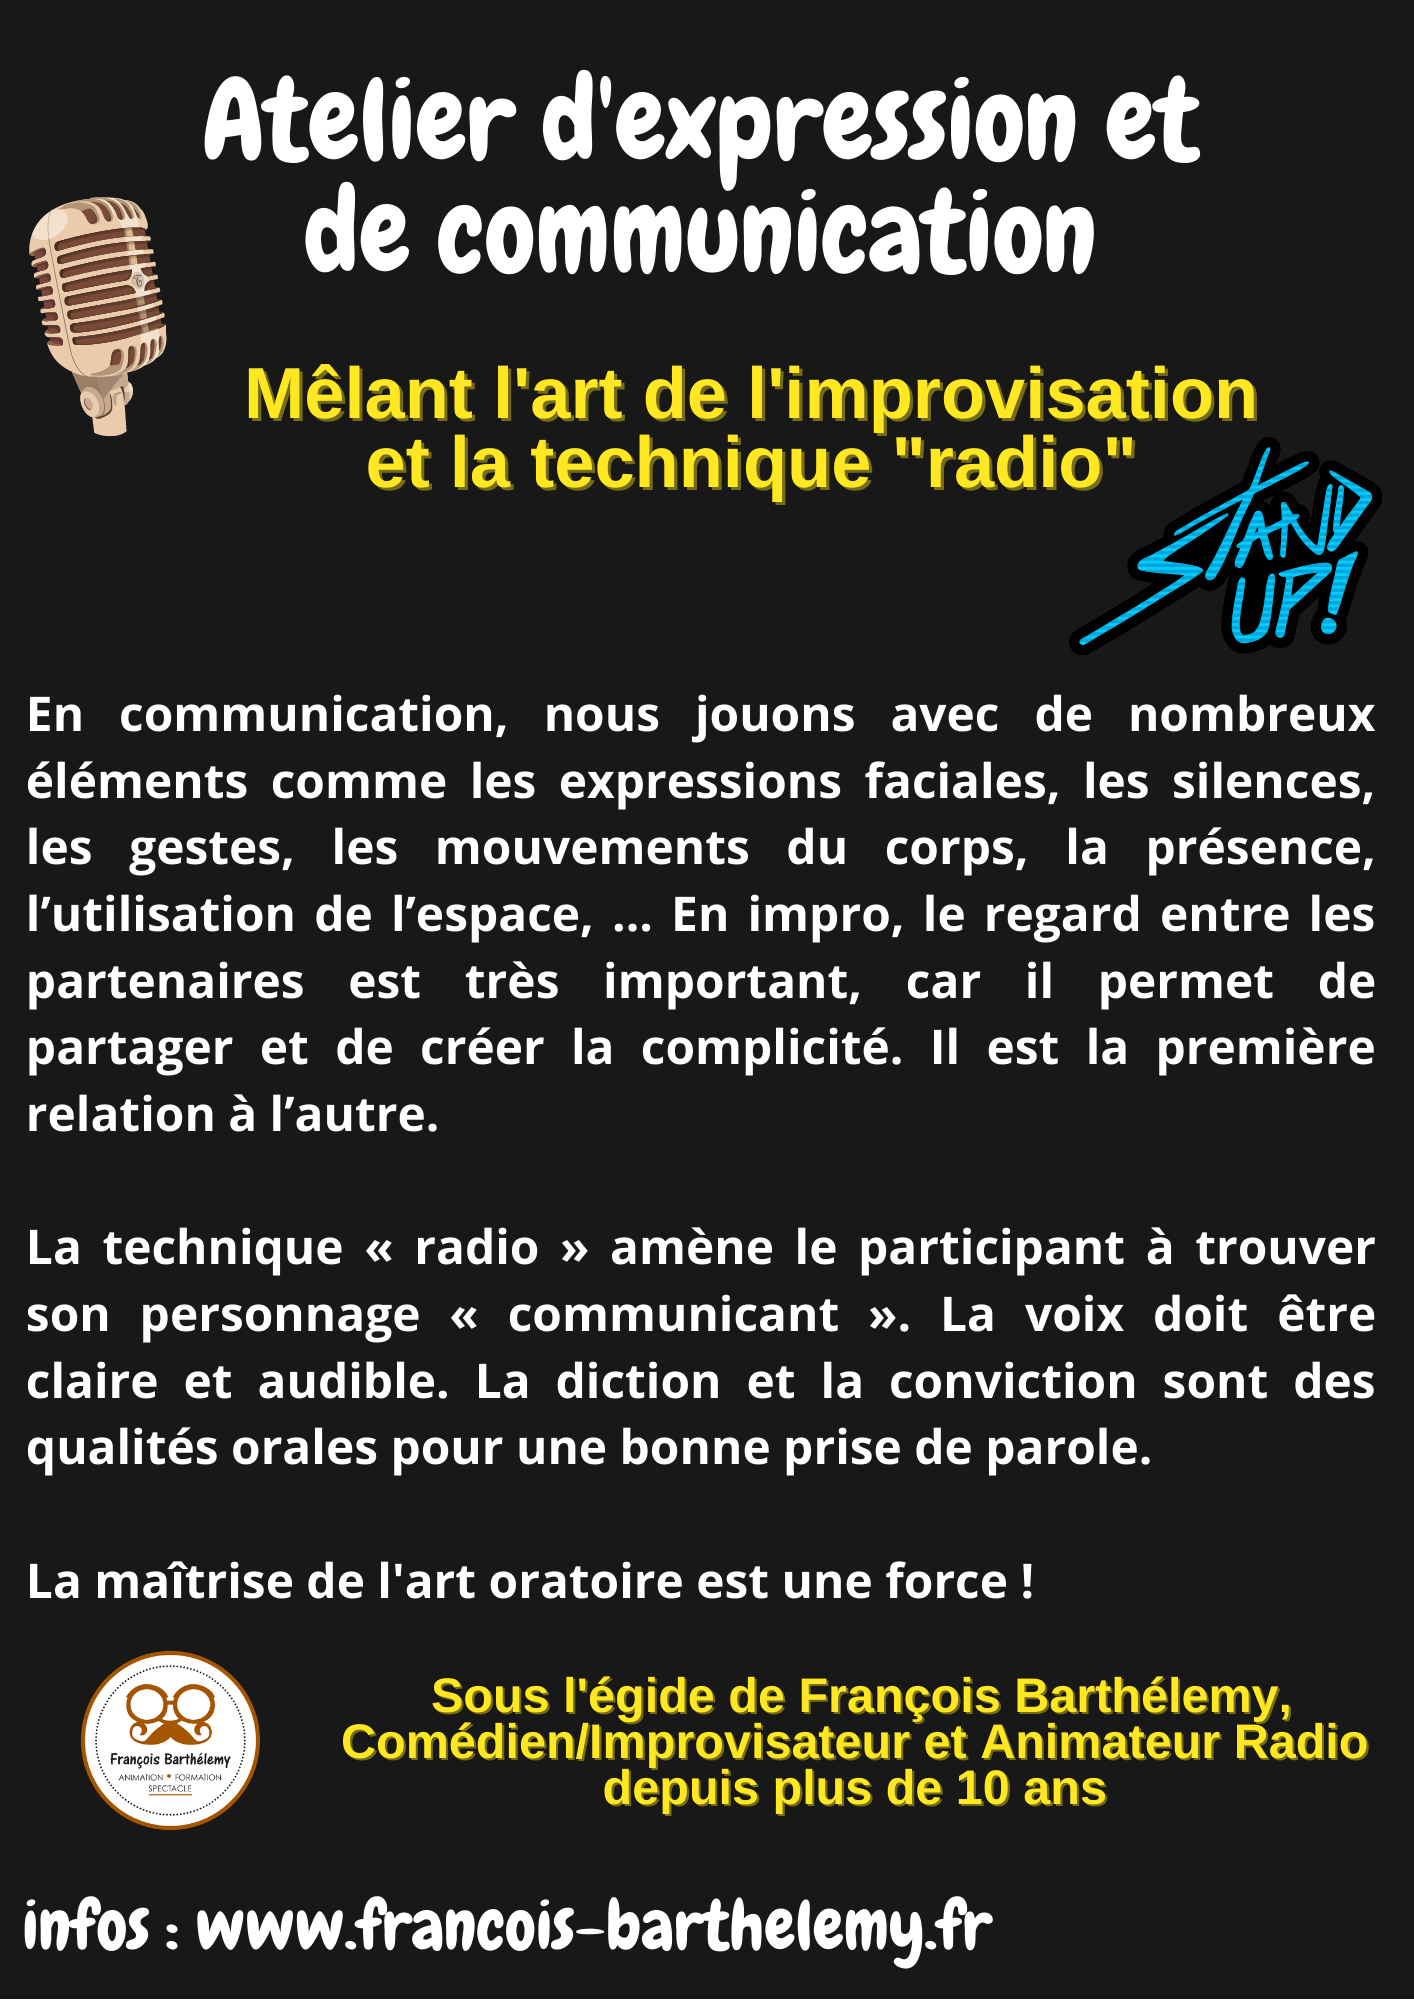 Atelier-dexpression-et-de-communication-2